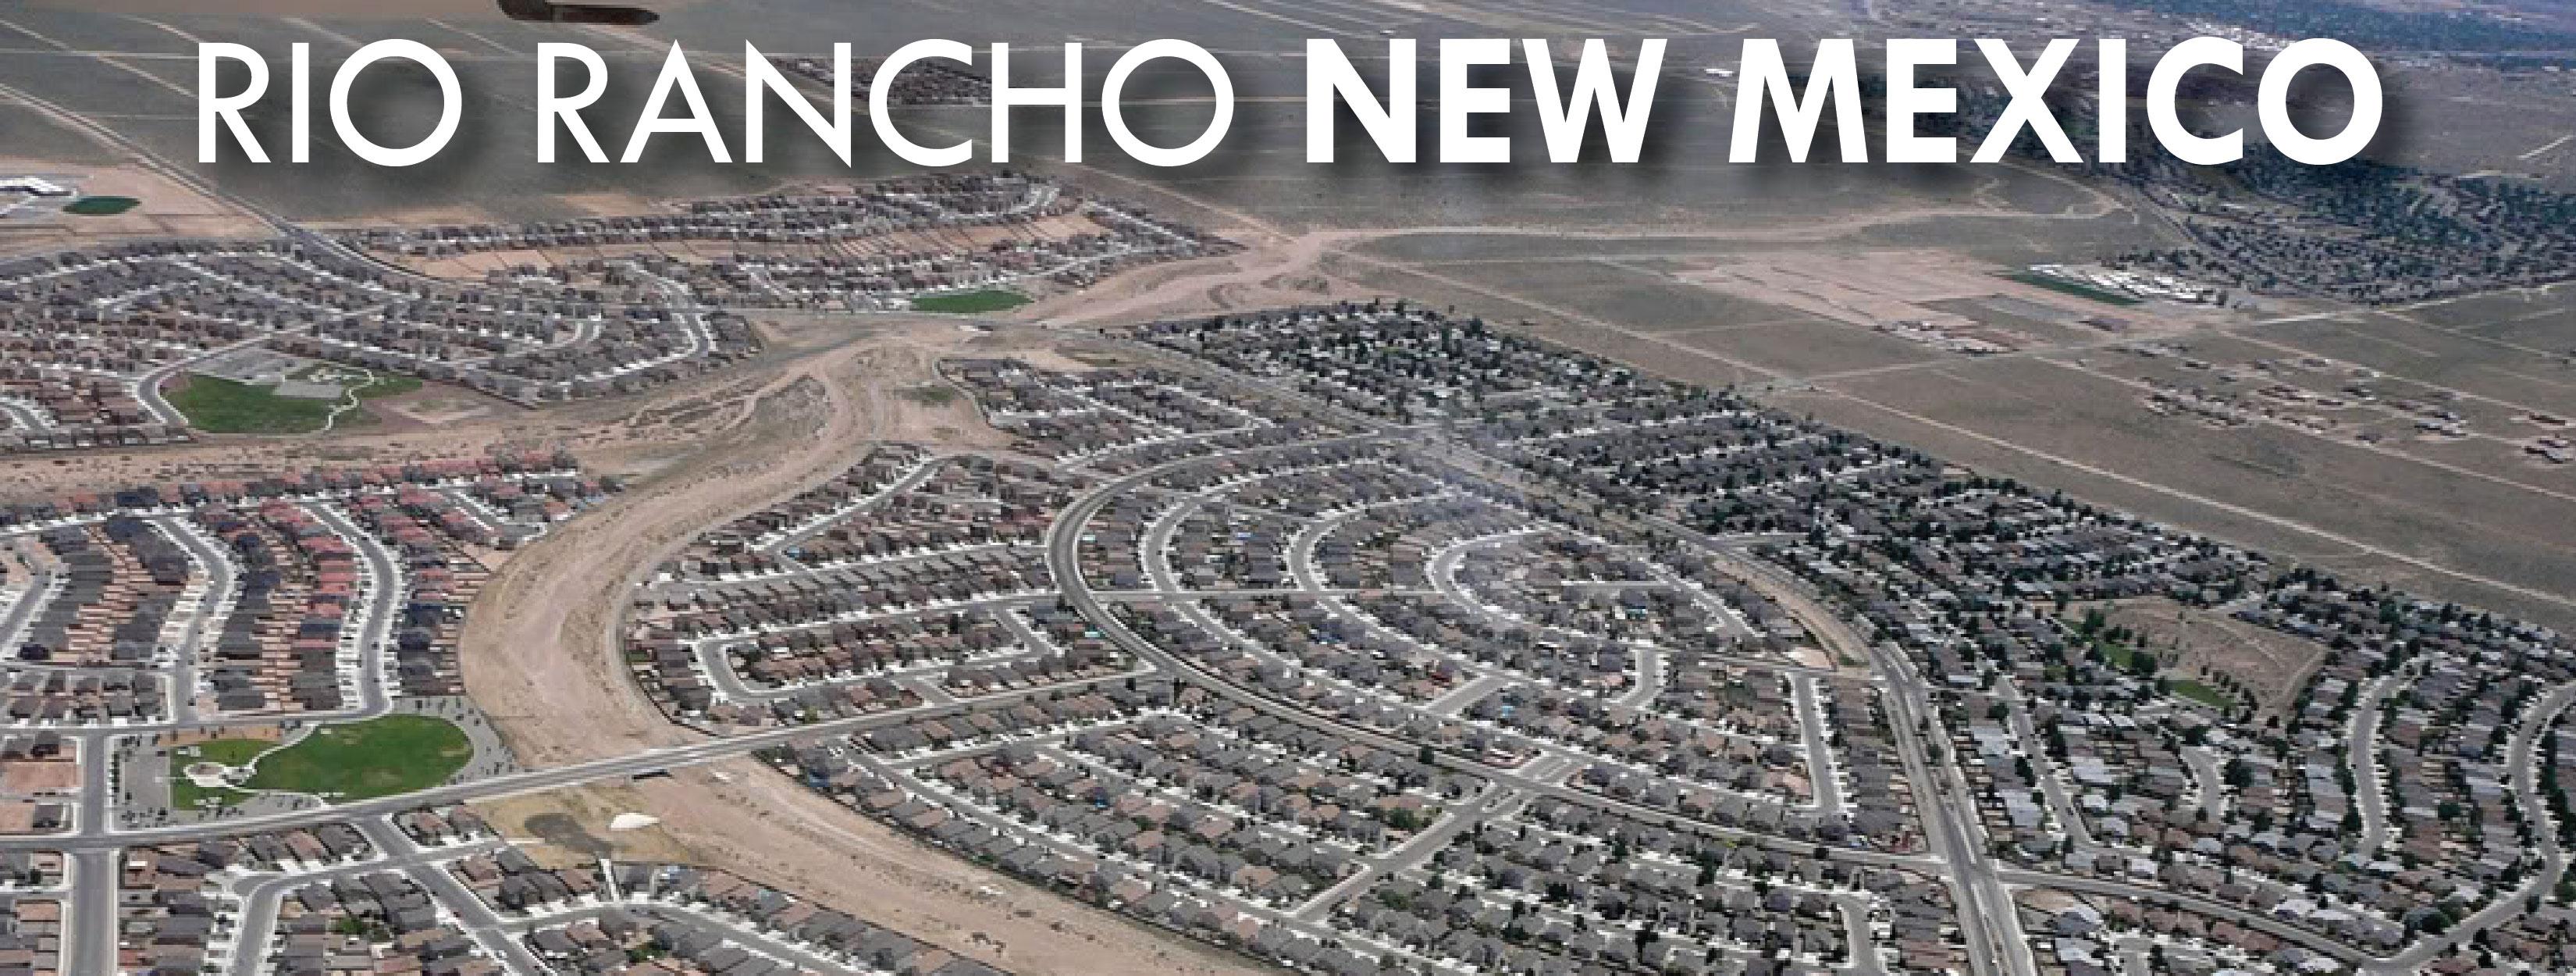 Rio Rancho